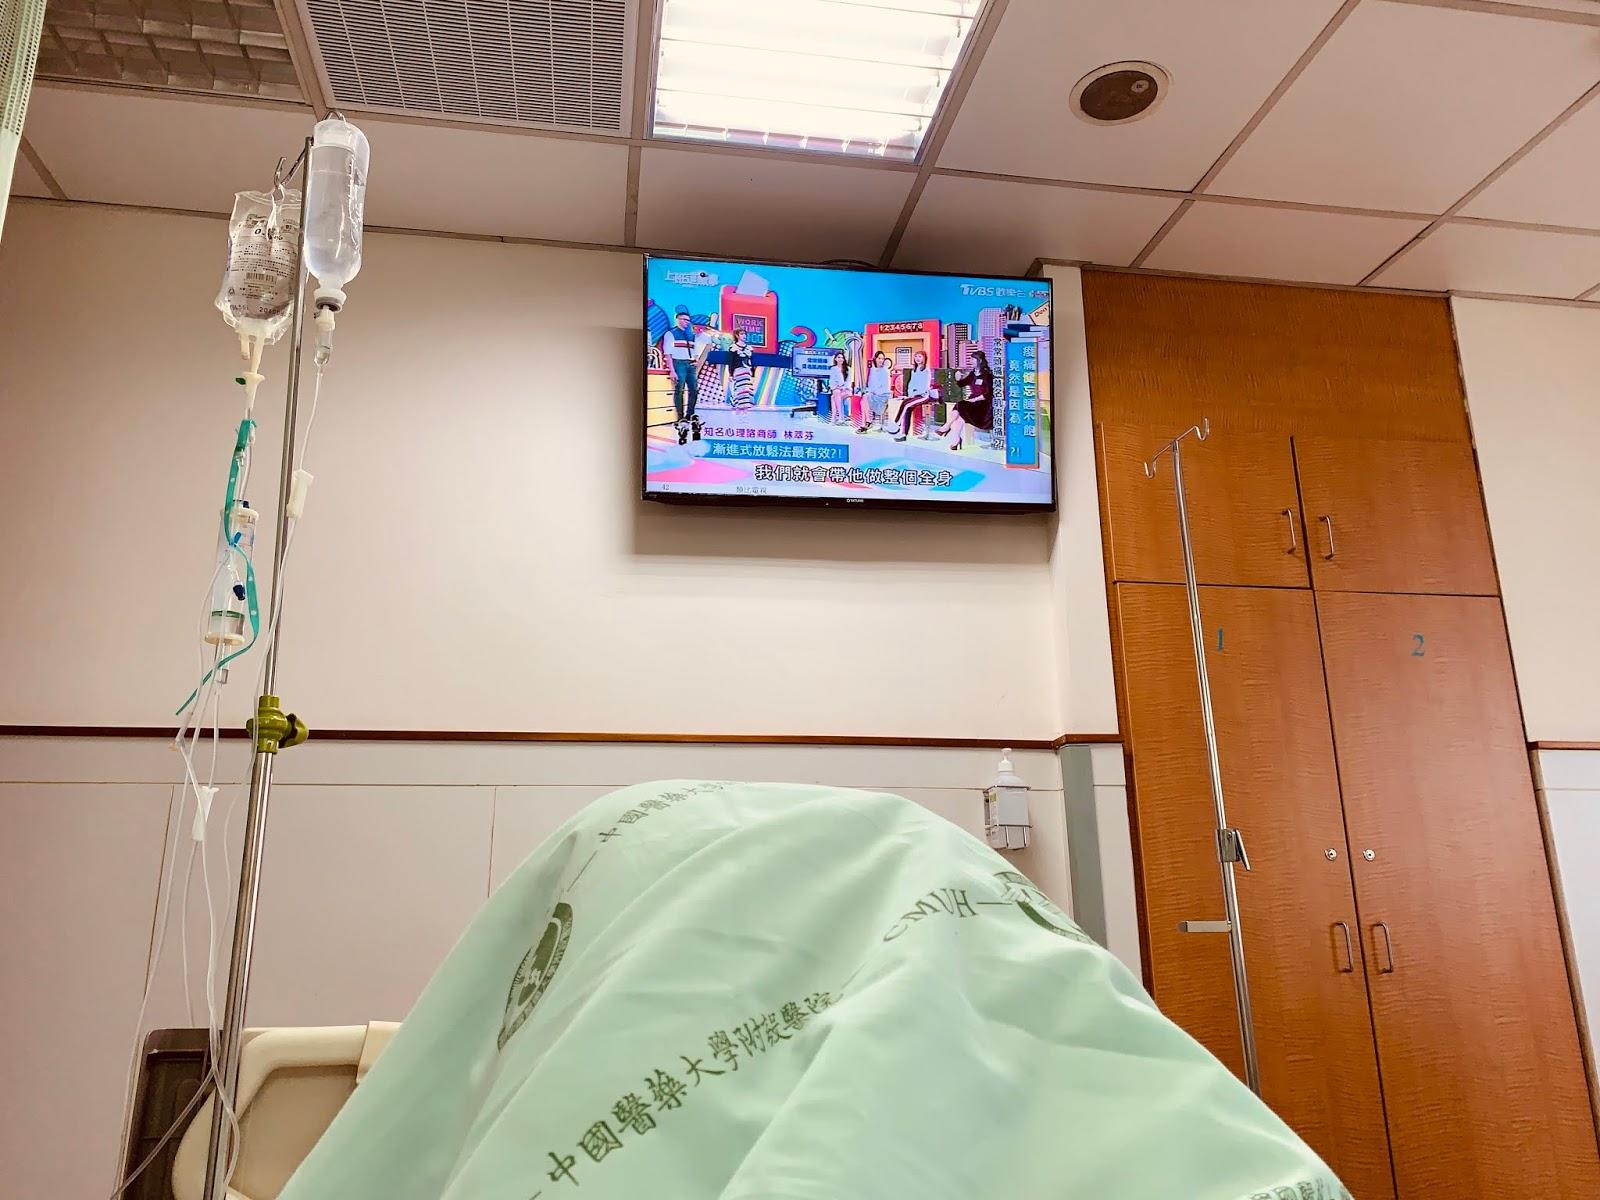 落落旅行趣: [心靈]人生中第一次住院,突發性耳聾